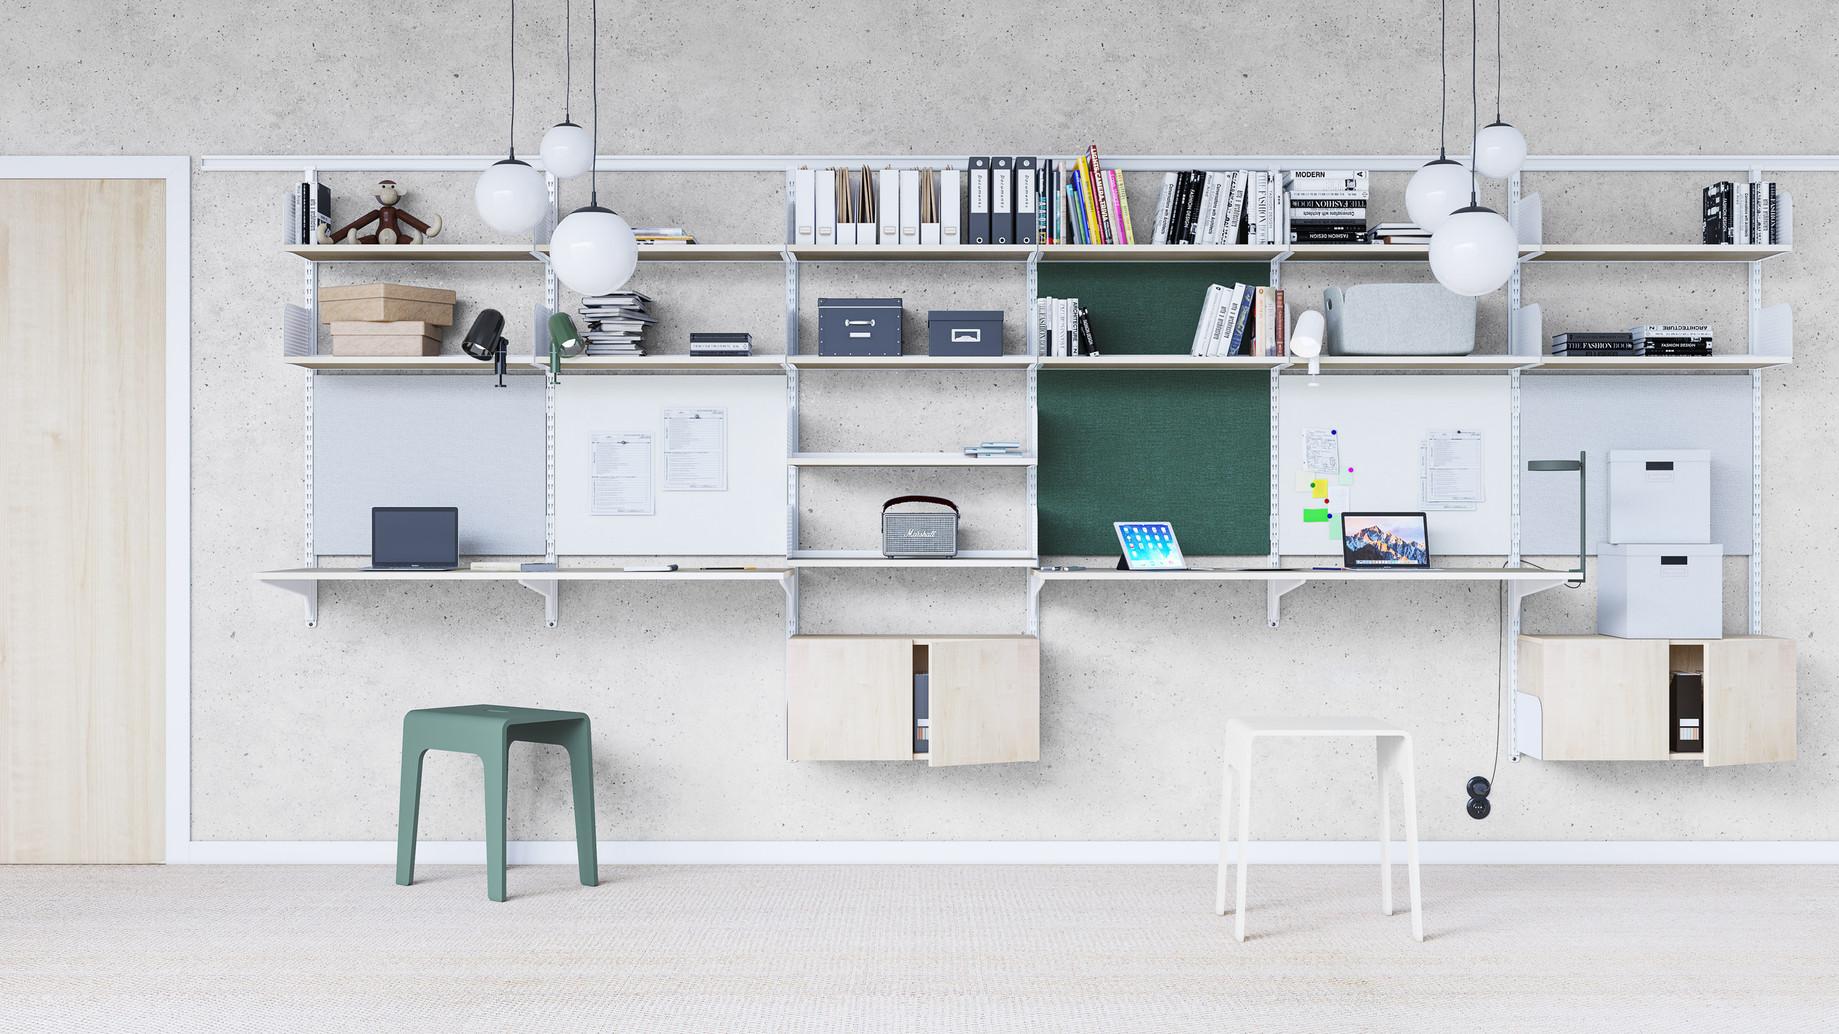 Hyllteknik-kontor-interior-6000x3376-NY.